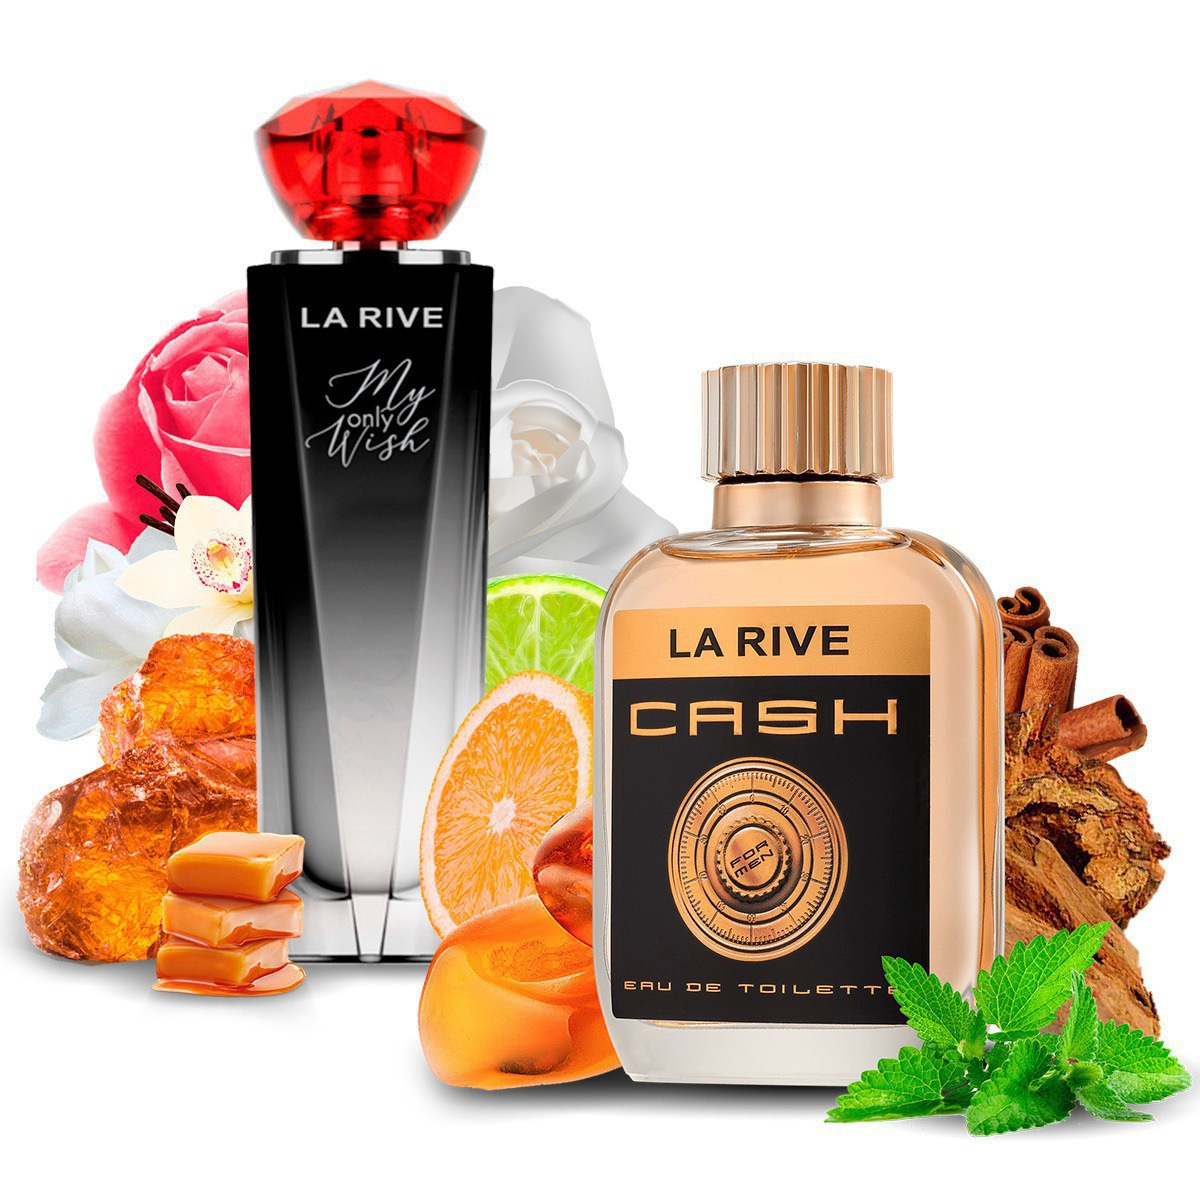 Kit 2 Perfumes Importados My Only Wish e Cash Man La Rive